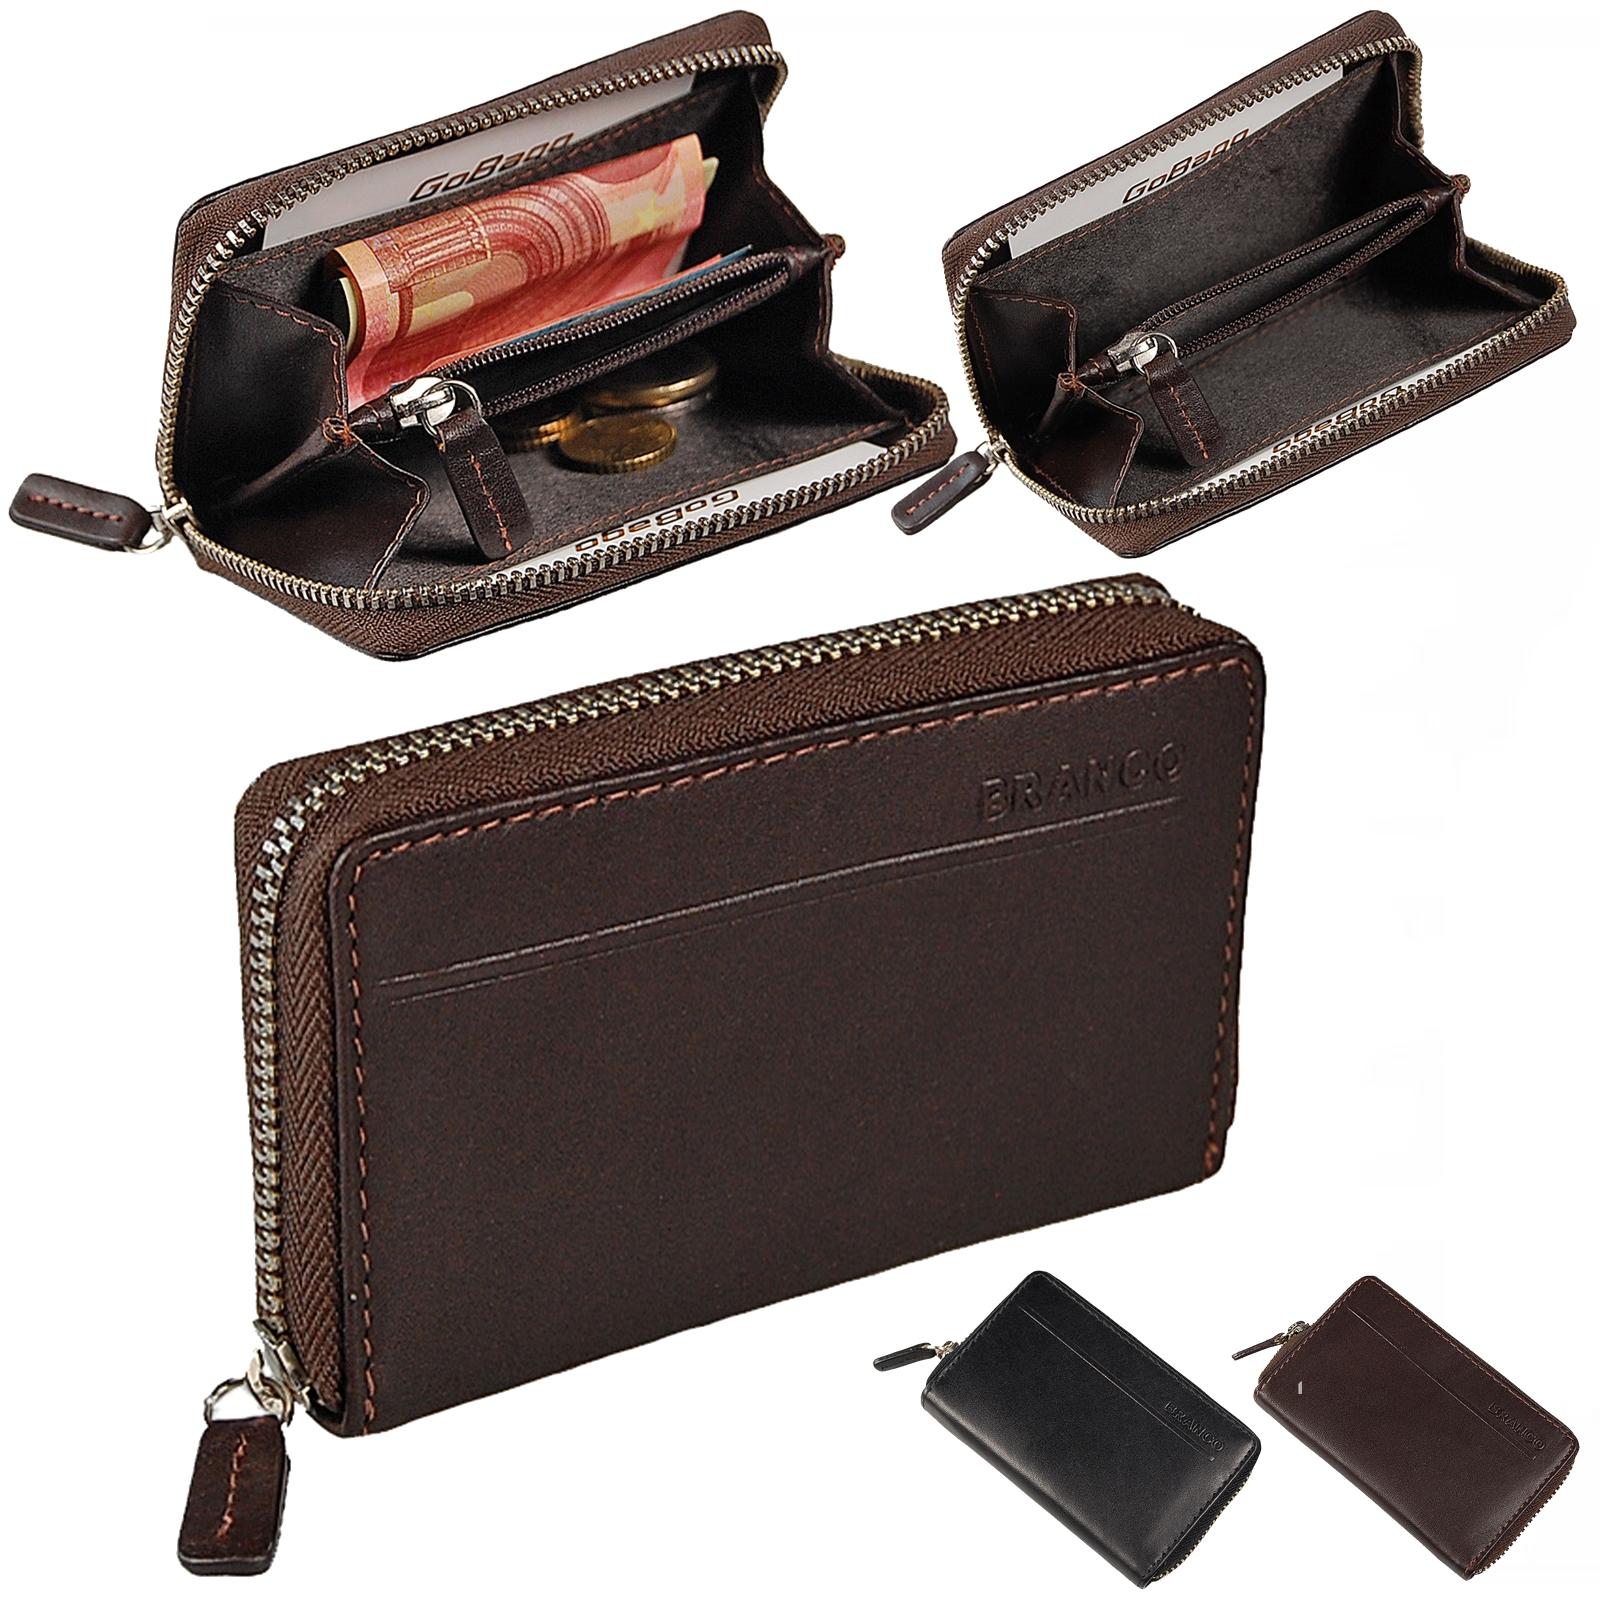 edf47236fe357 Mini Reißverschluss Geldbörse Leder Geldbeutel Münzbörse Börse 97009